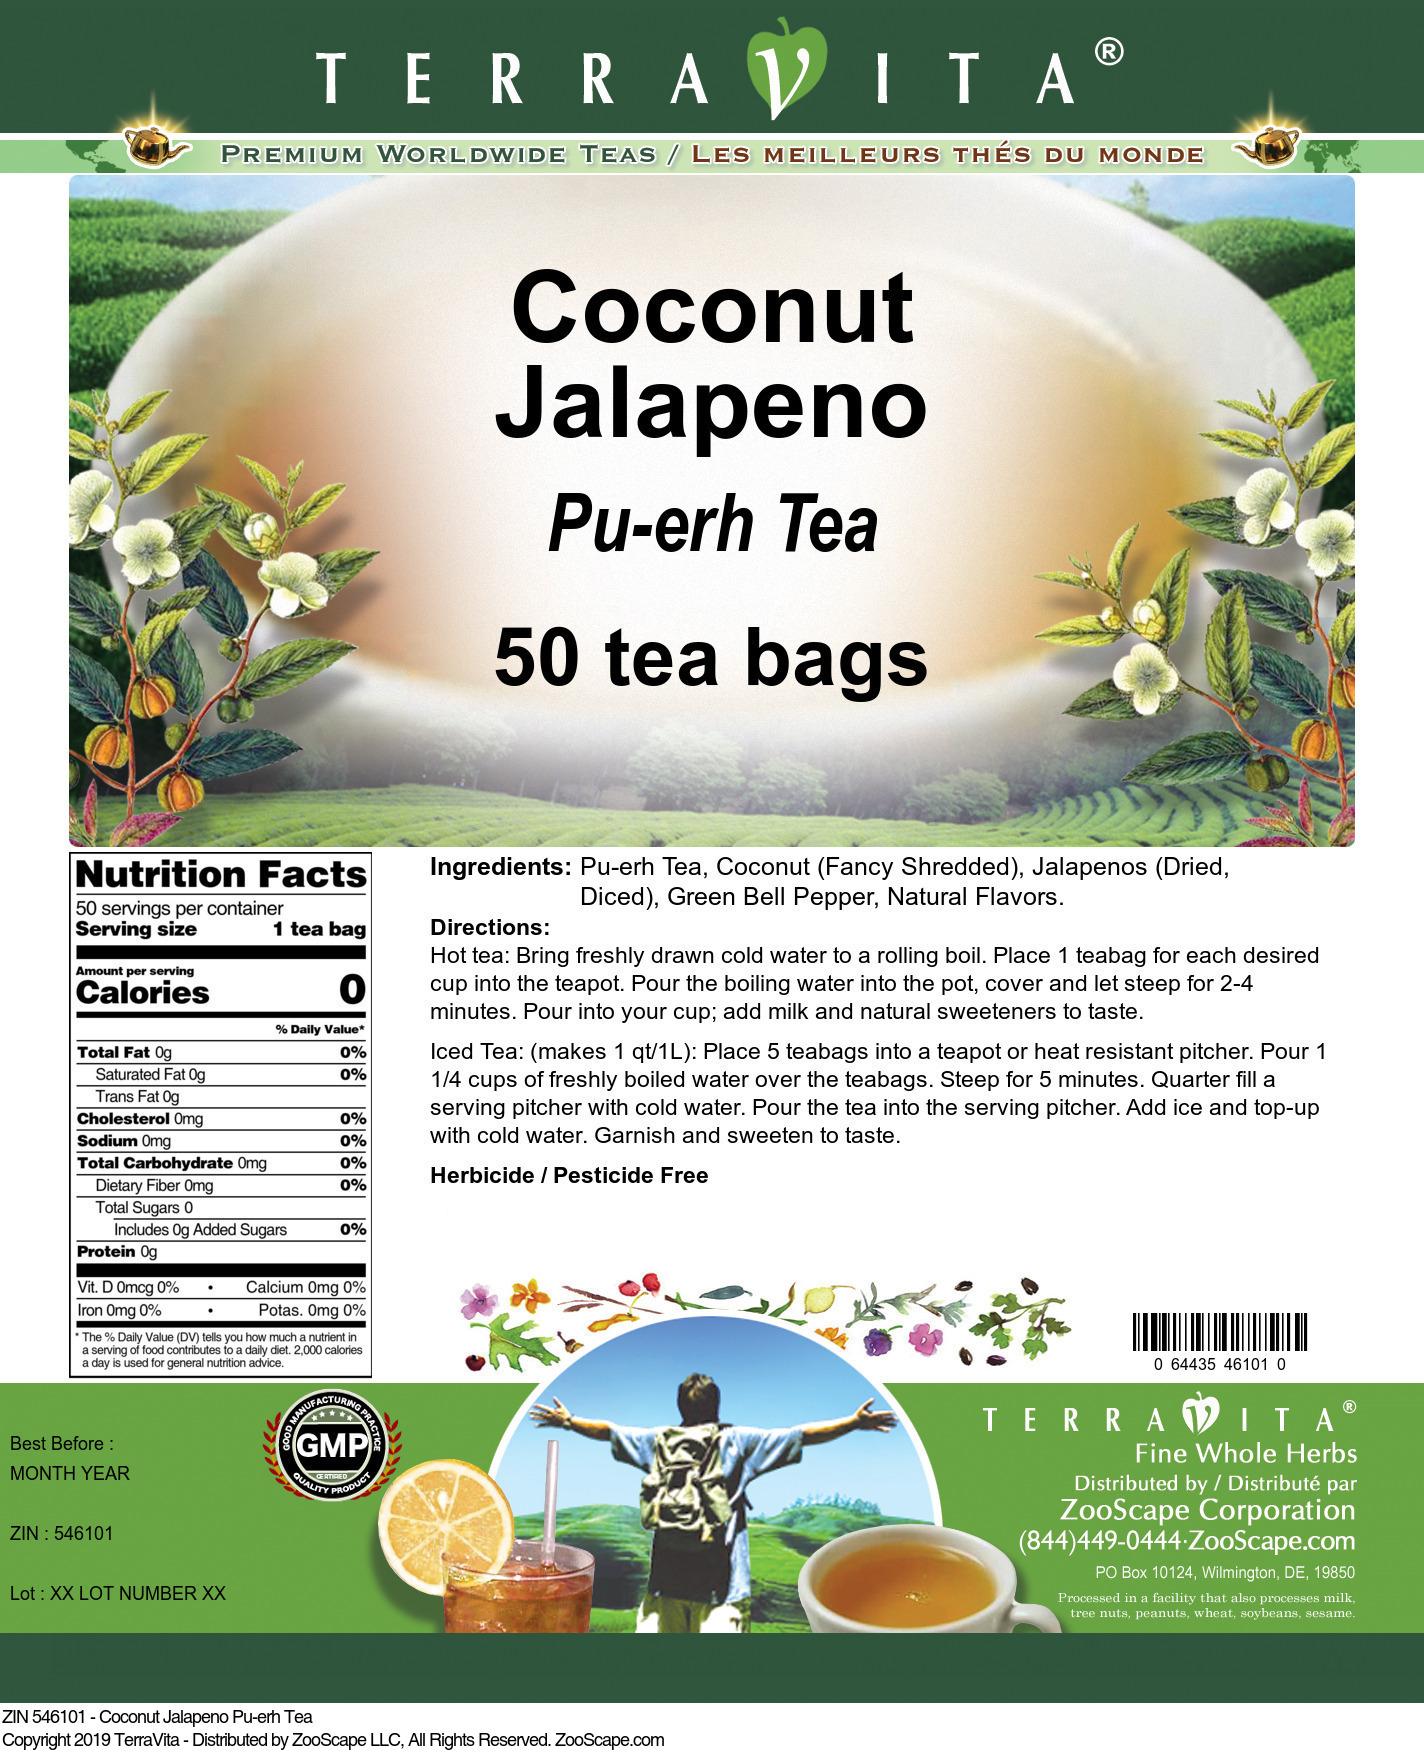 Coconut Jalapeno Pu-erh Tea